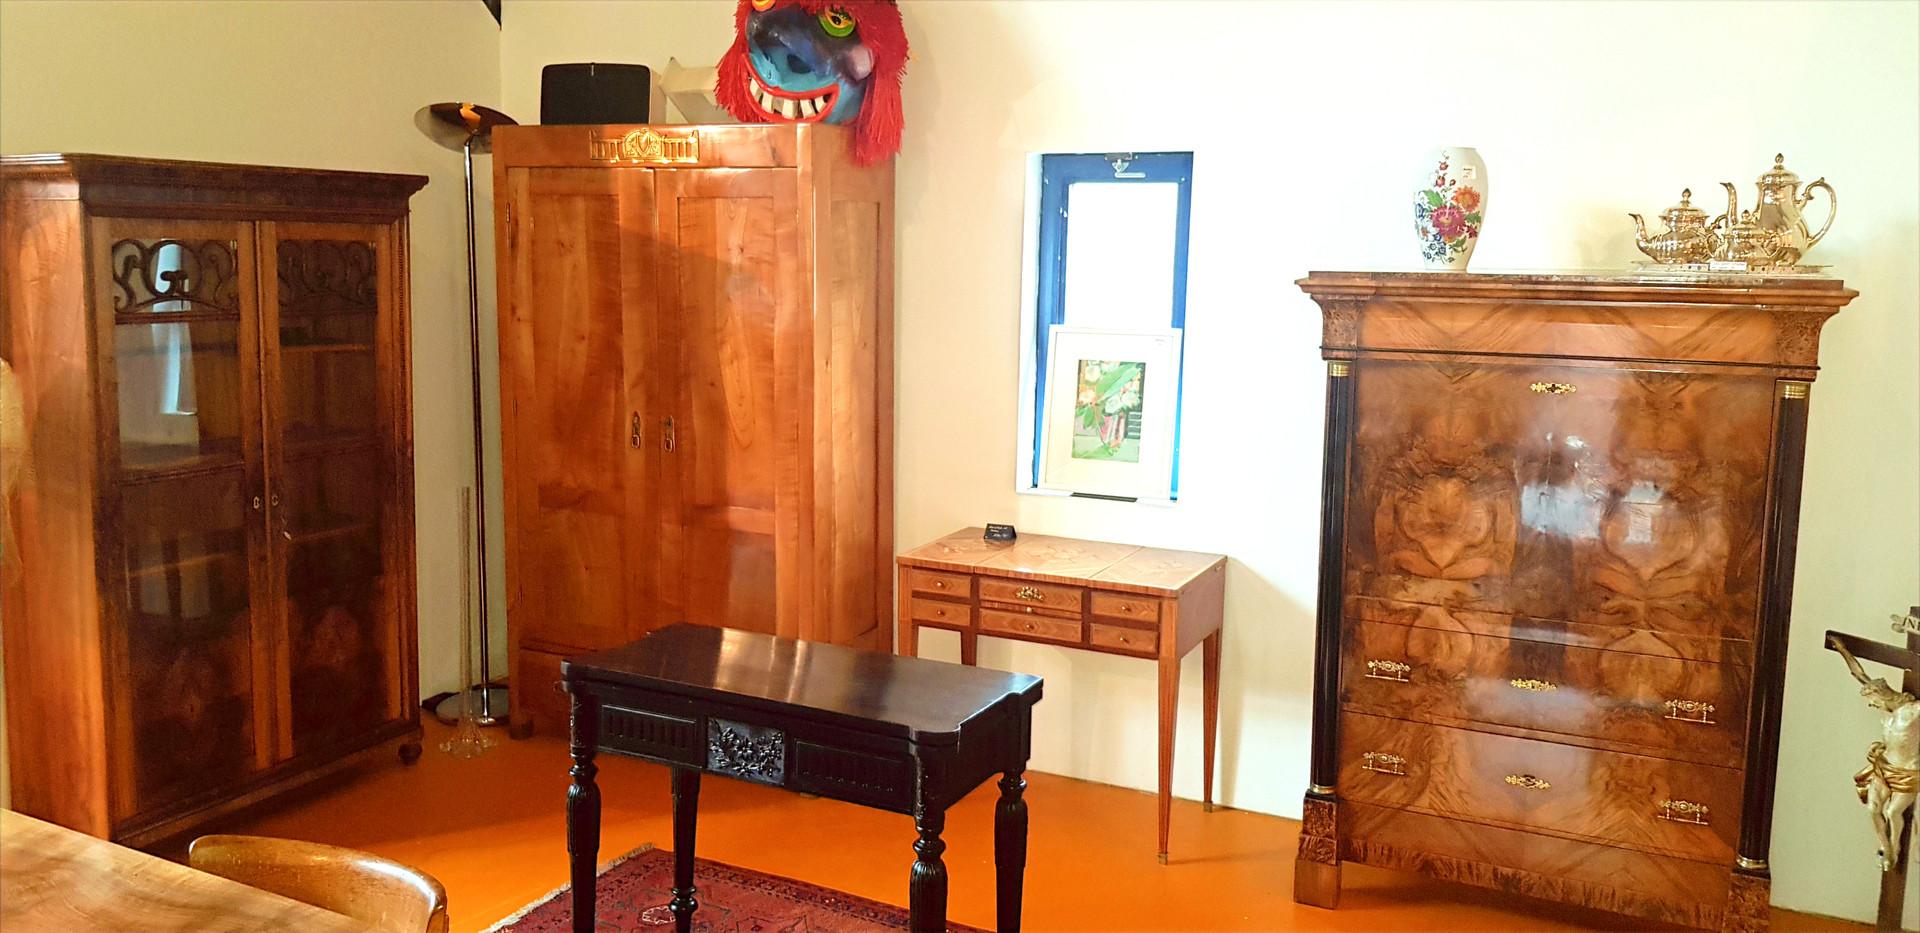 Galerie unten 3.jpg